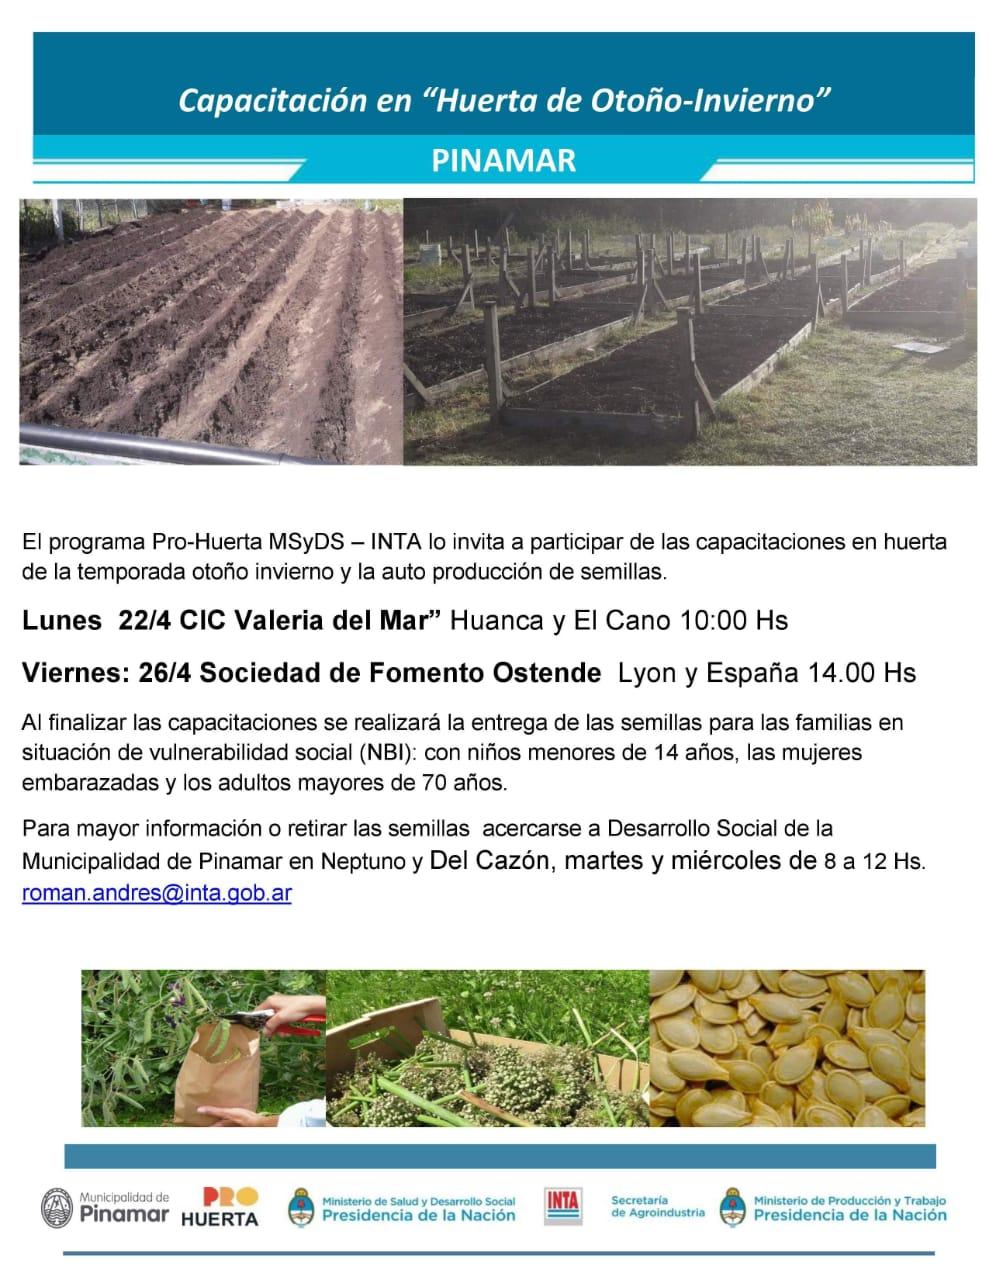 Capacitación y entrega de semillas por parte de INTA – Andrés Roman